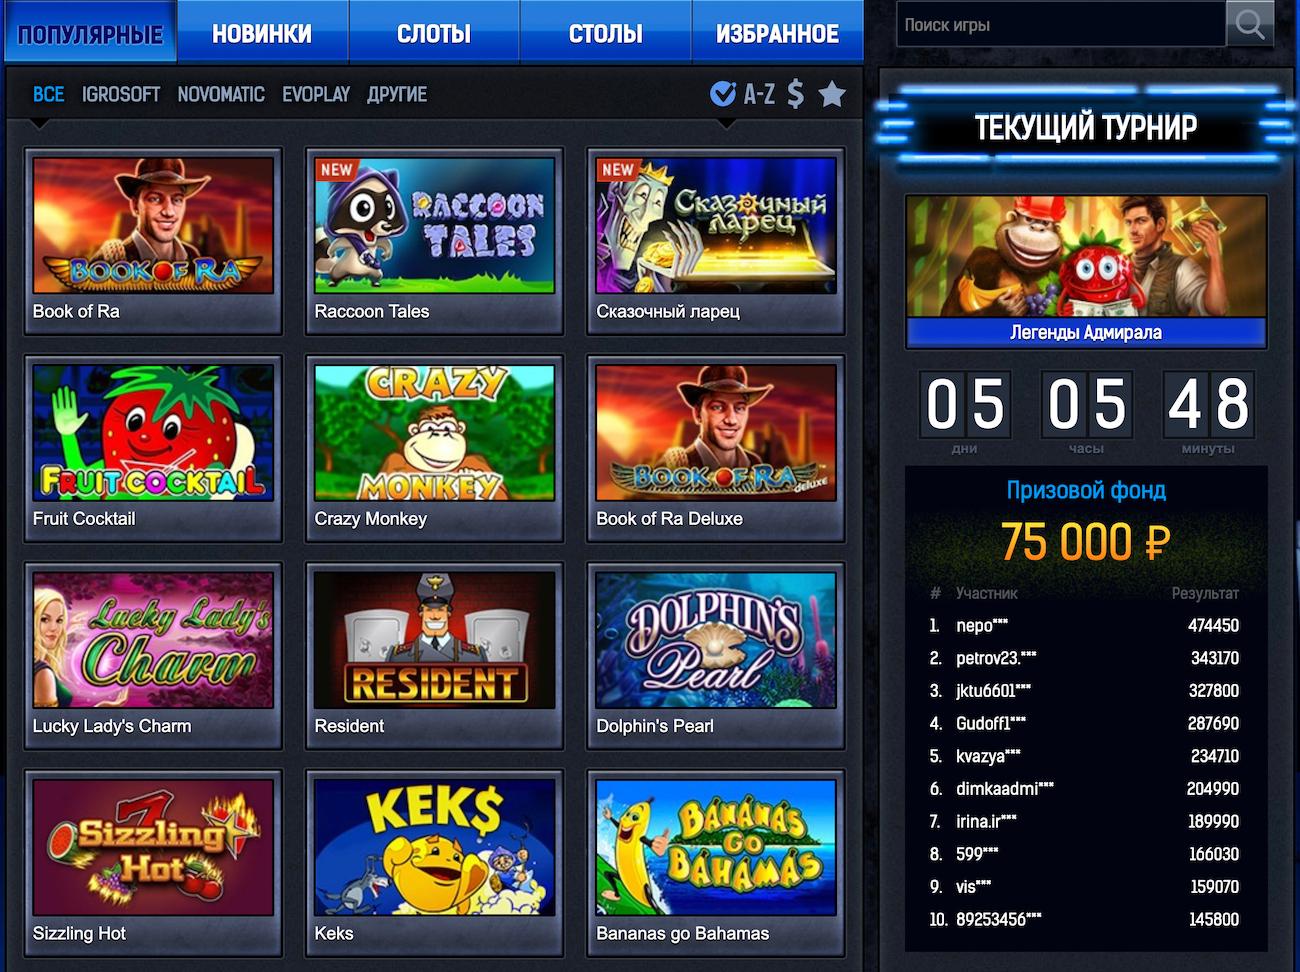 Акцепт русская рулетка слушать онлайн бесплатно однорукий бандит лучшие игровые автоматы онлайнi